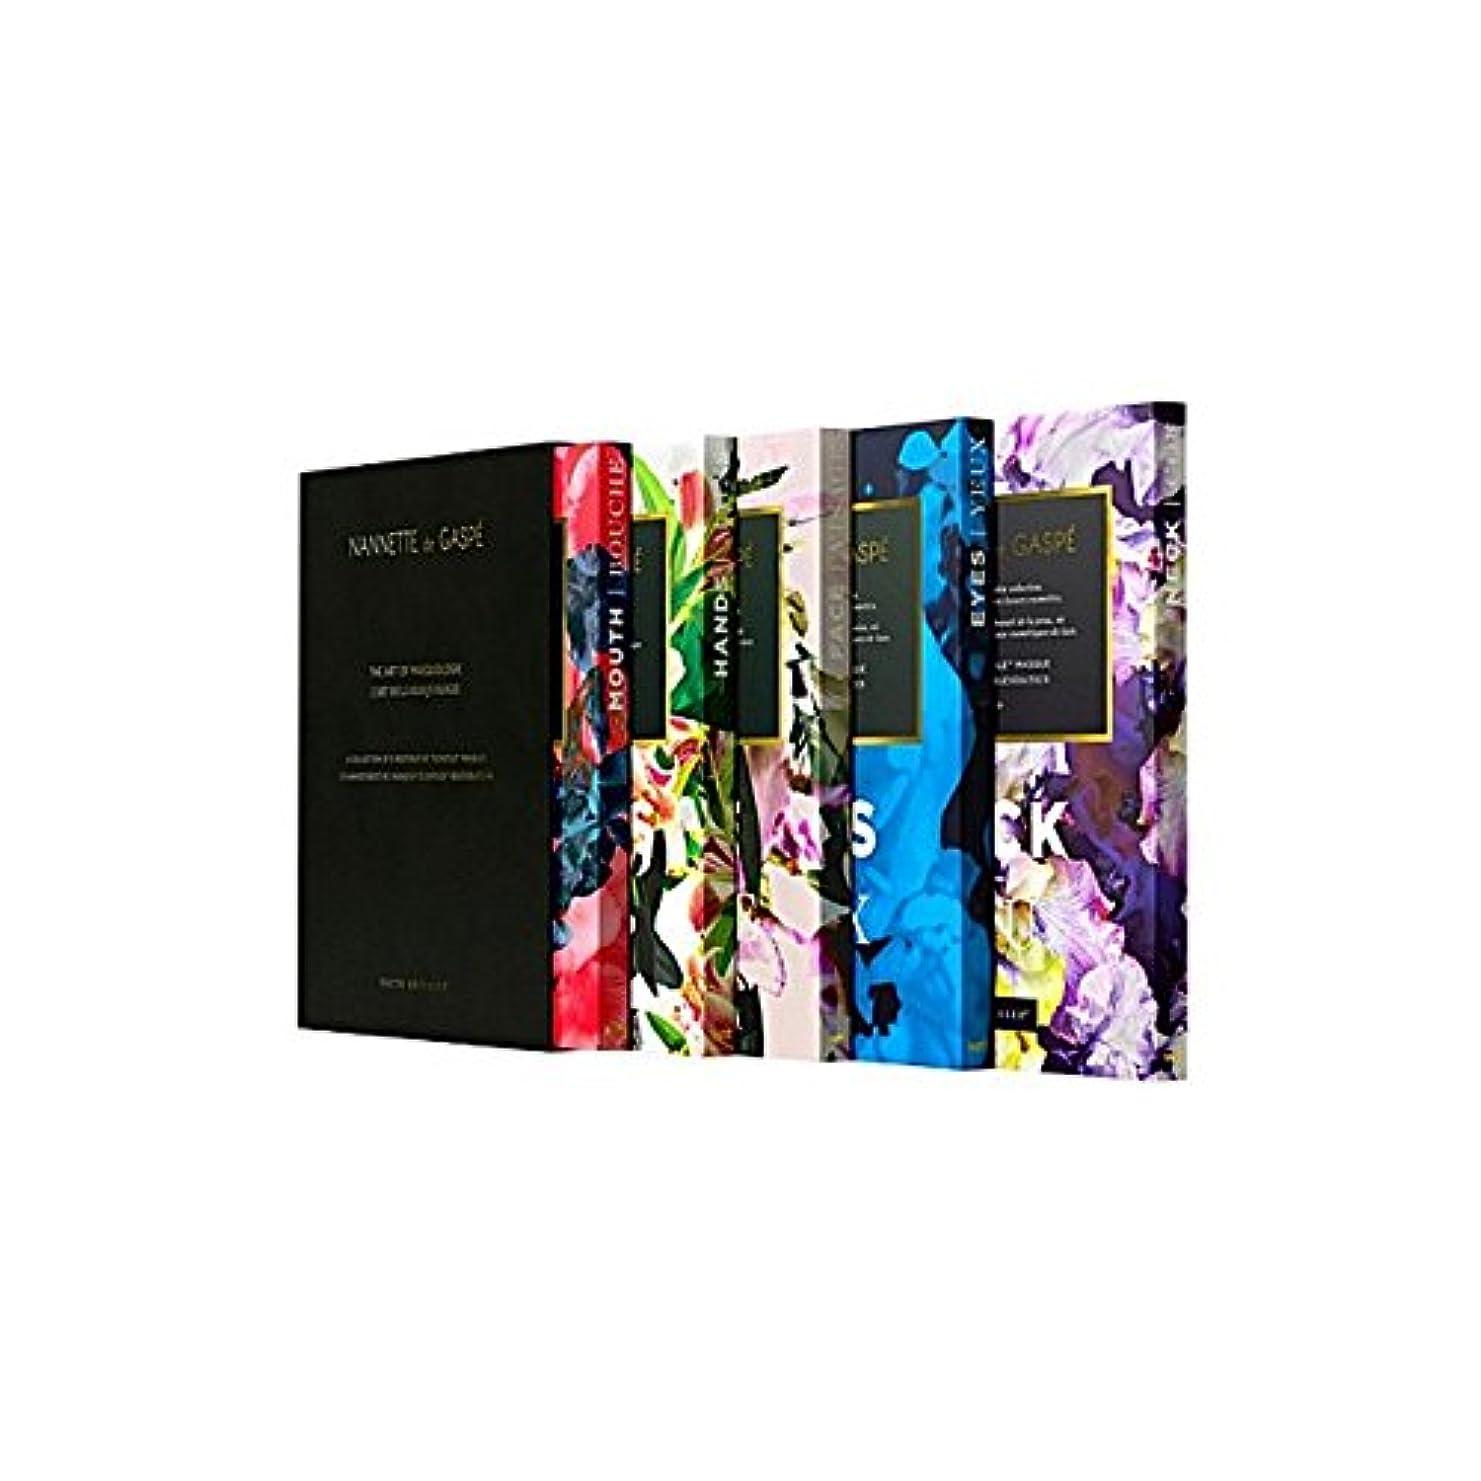 ミネラルロードされた不適切なデガスペ修復仮面劇コフレ x2 - Nannette De Gaspe Restorative Techstile Masque Coffret (Pack of 2) [並行輸入品]